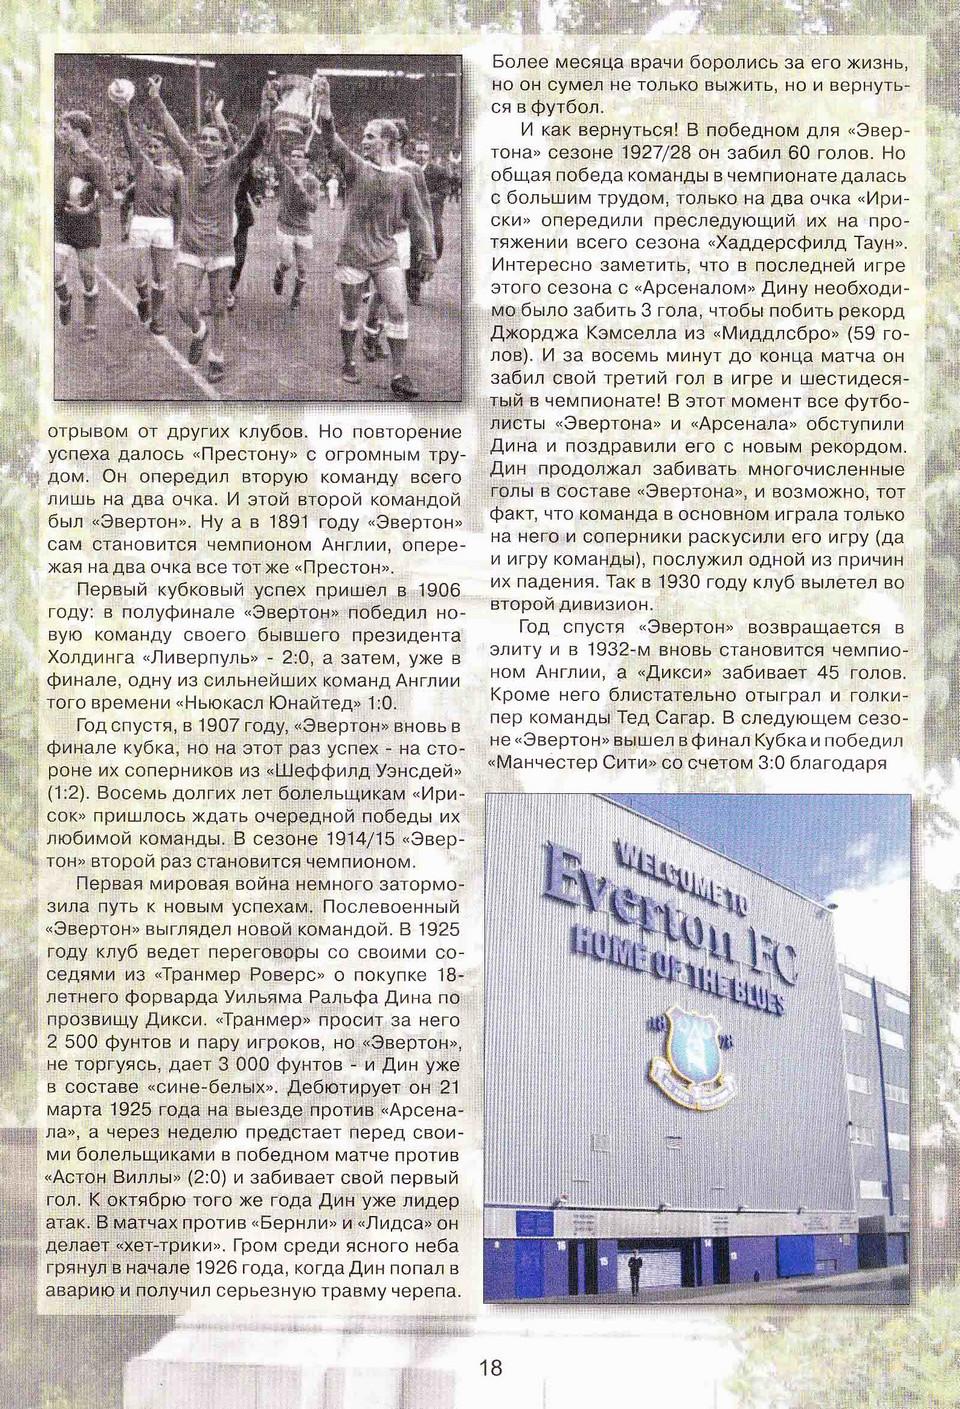 [Изображение: 2007-10-04_MKh-Everton_2-3_13.jpg]